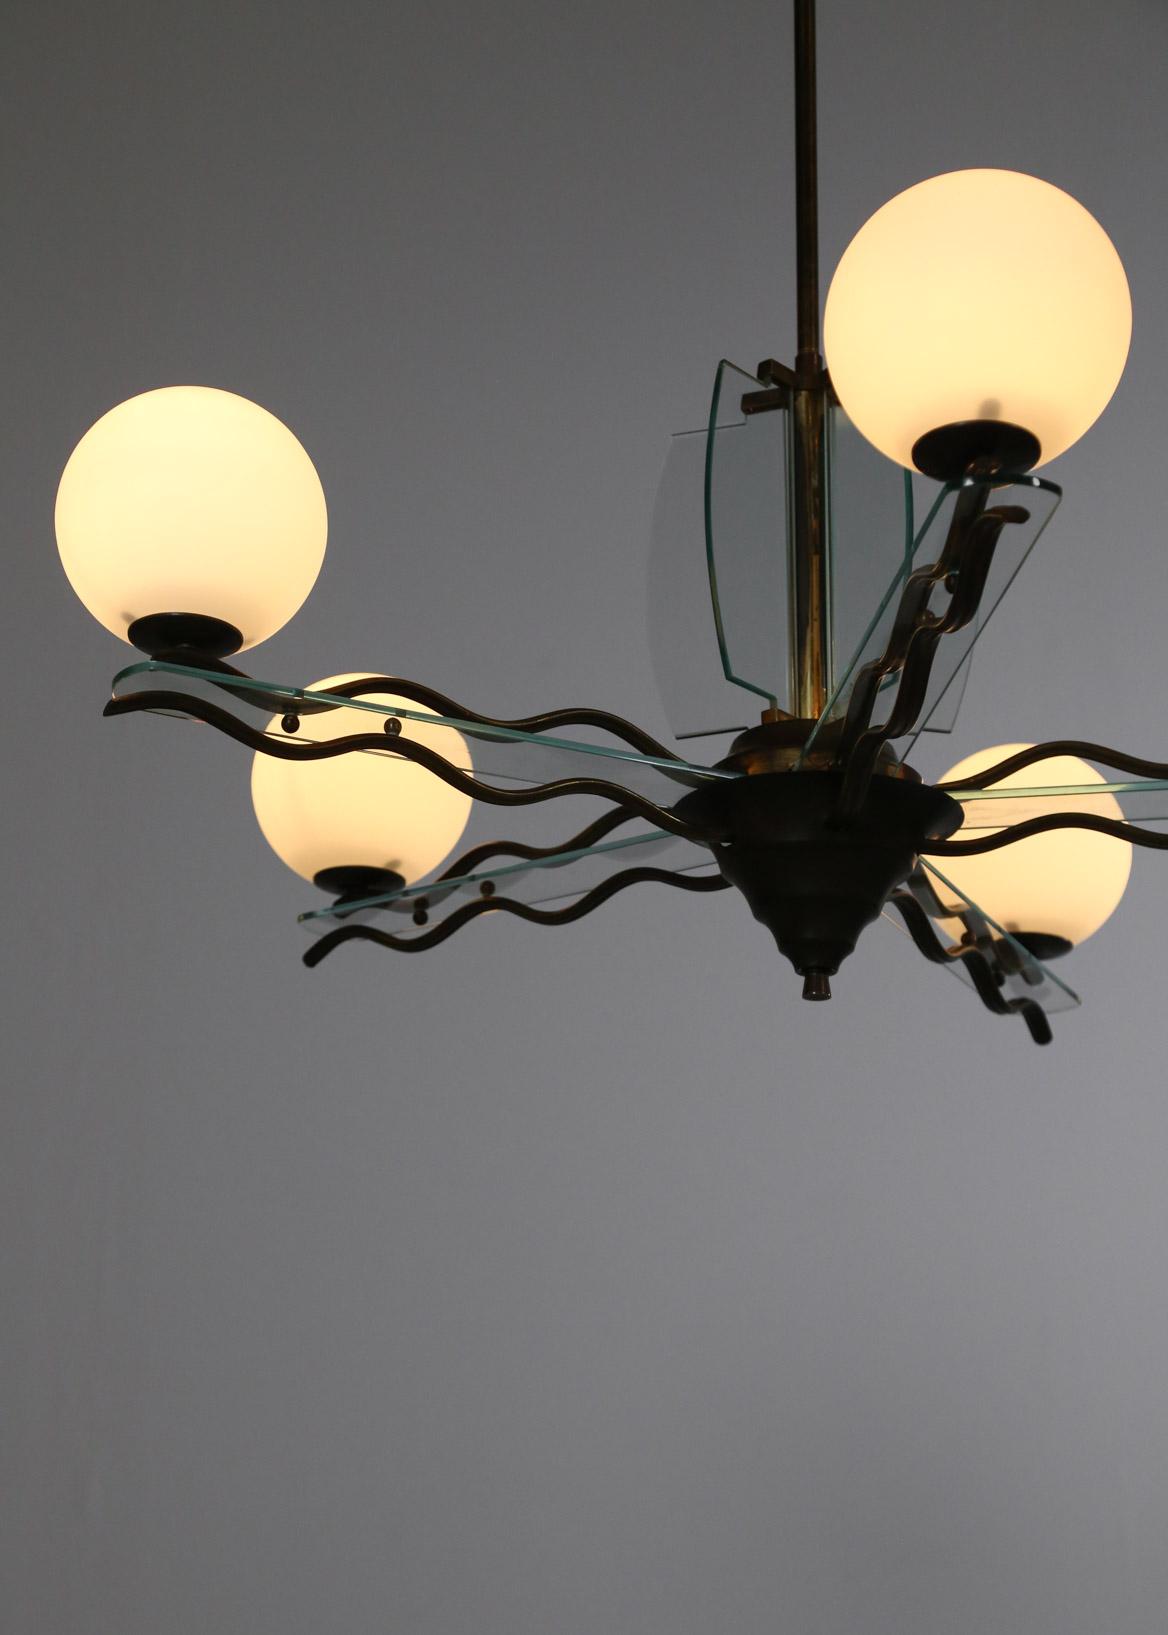 lustre italien fontana arte vintage design 30 danke galerie. Black Bedroom Furniture Sets. Home Design Ideas